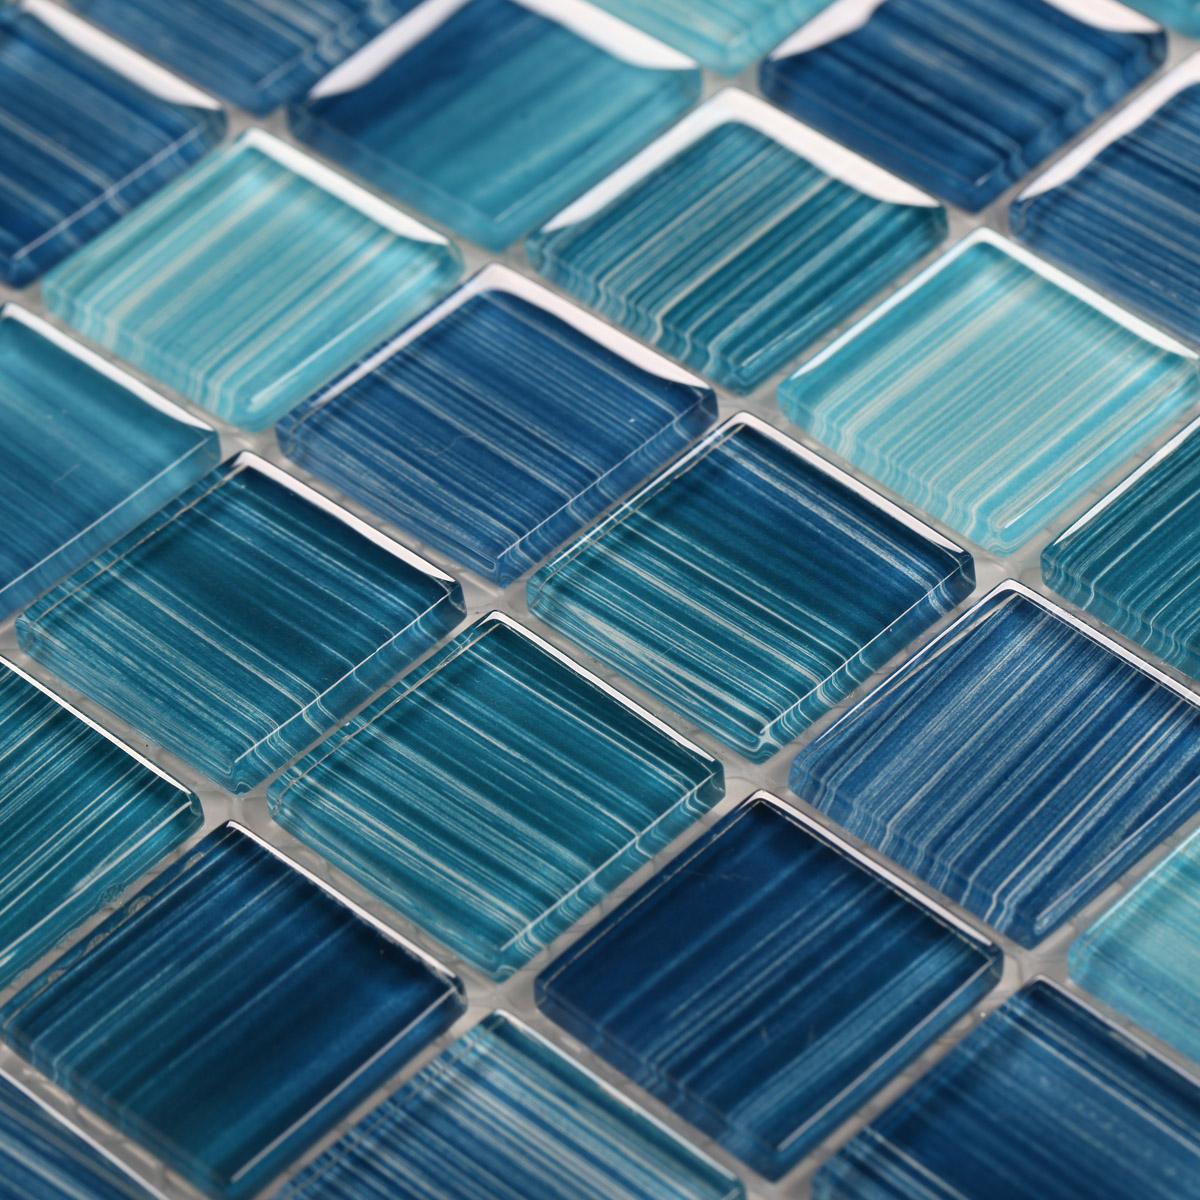 #0C2E49  mosaico de vidro cristal telha telhas do banheiro mosaicos cozinha.jpg 1200x1200 px Melhorias Na Cozinha_457 Imagens